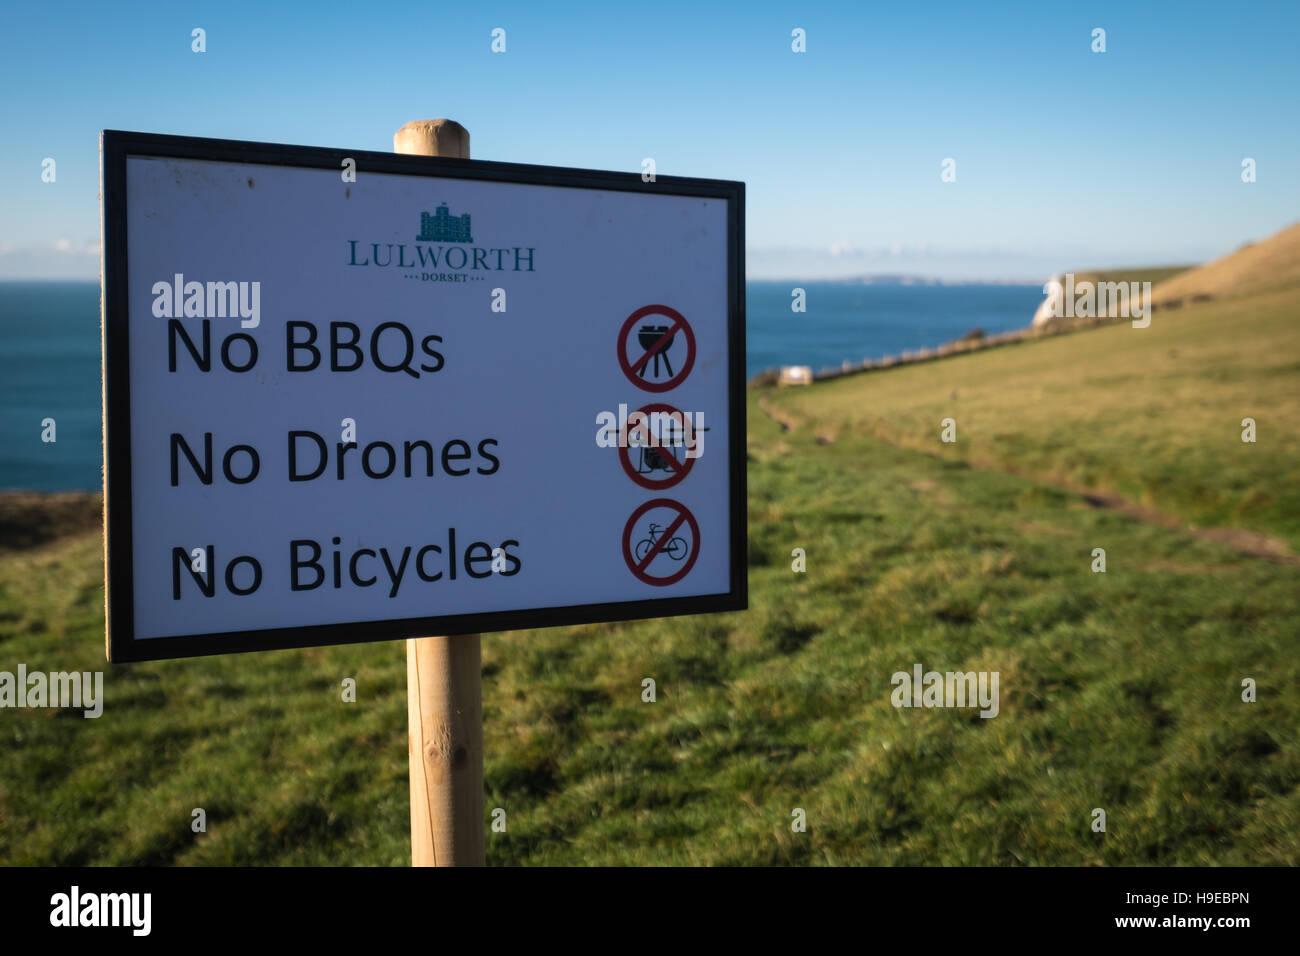 A sign for visitors to Durdle Door 'No BBQs, No Drones & No Bicycles'. - Stock Image